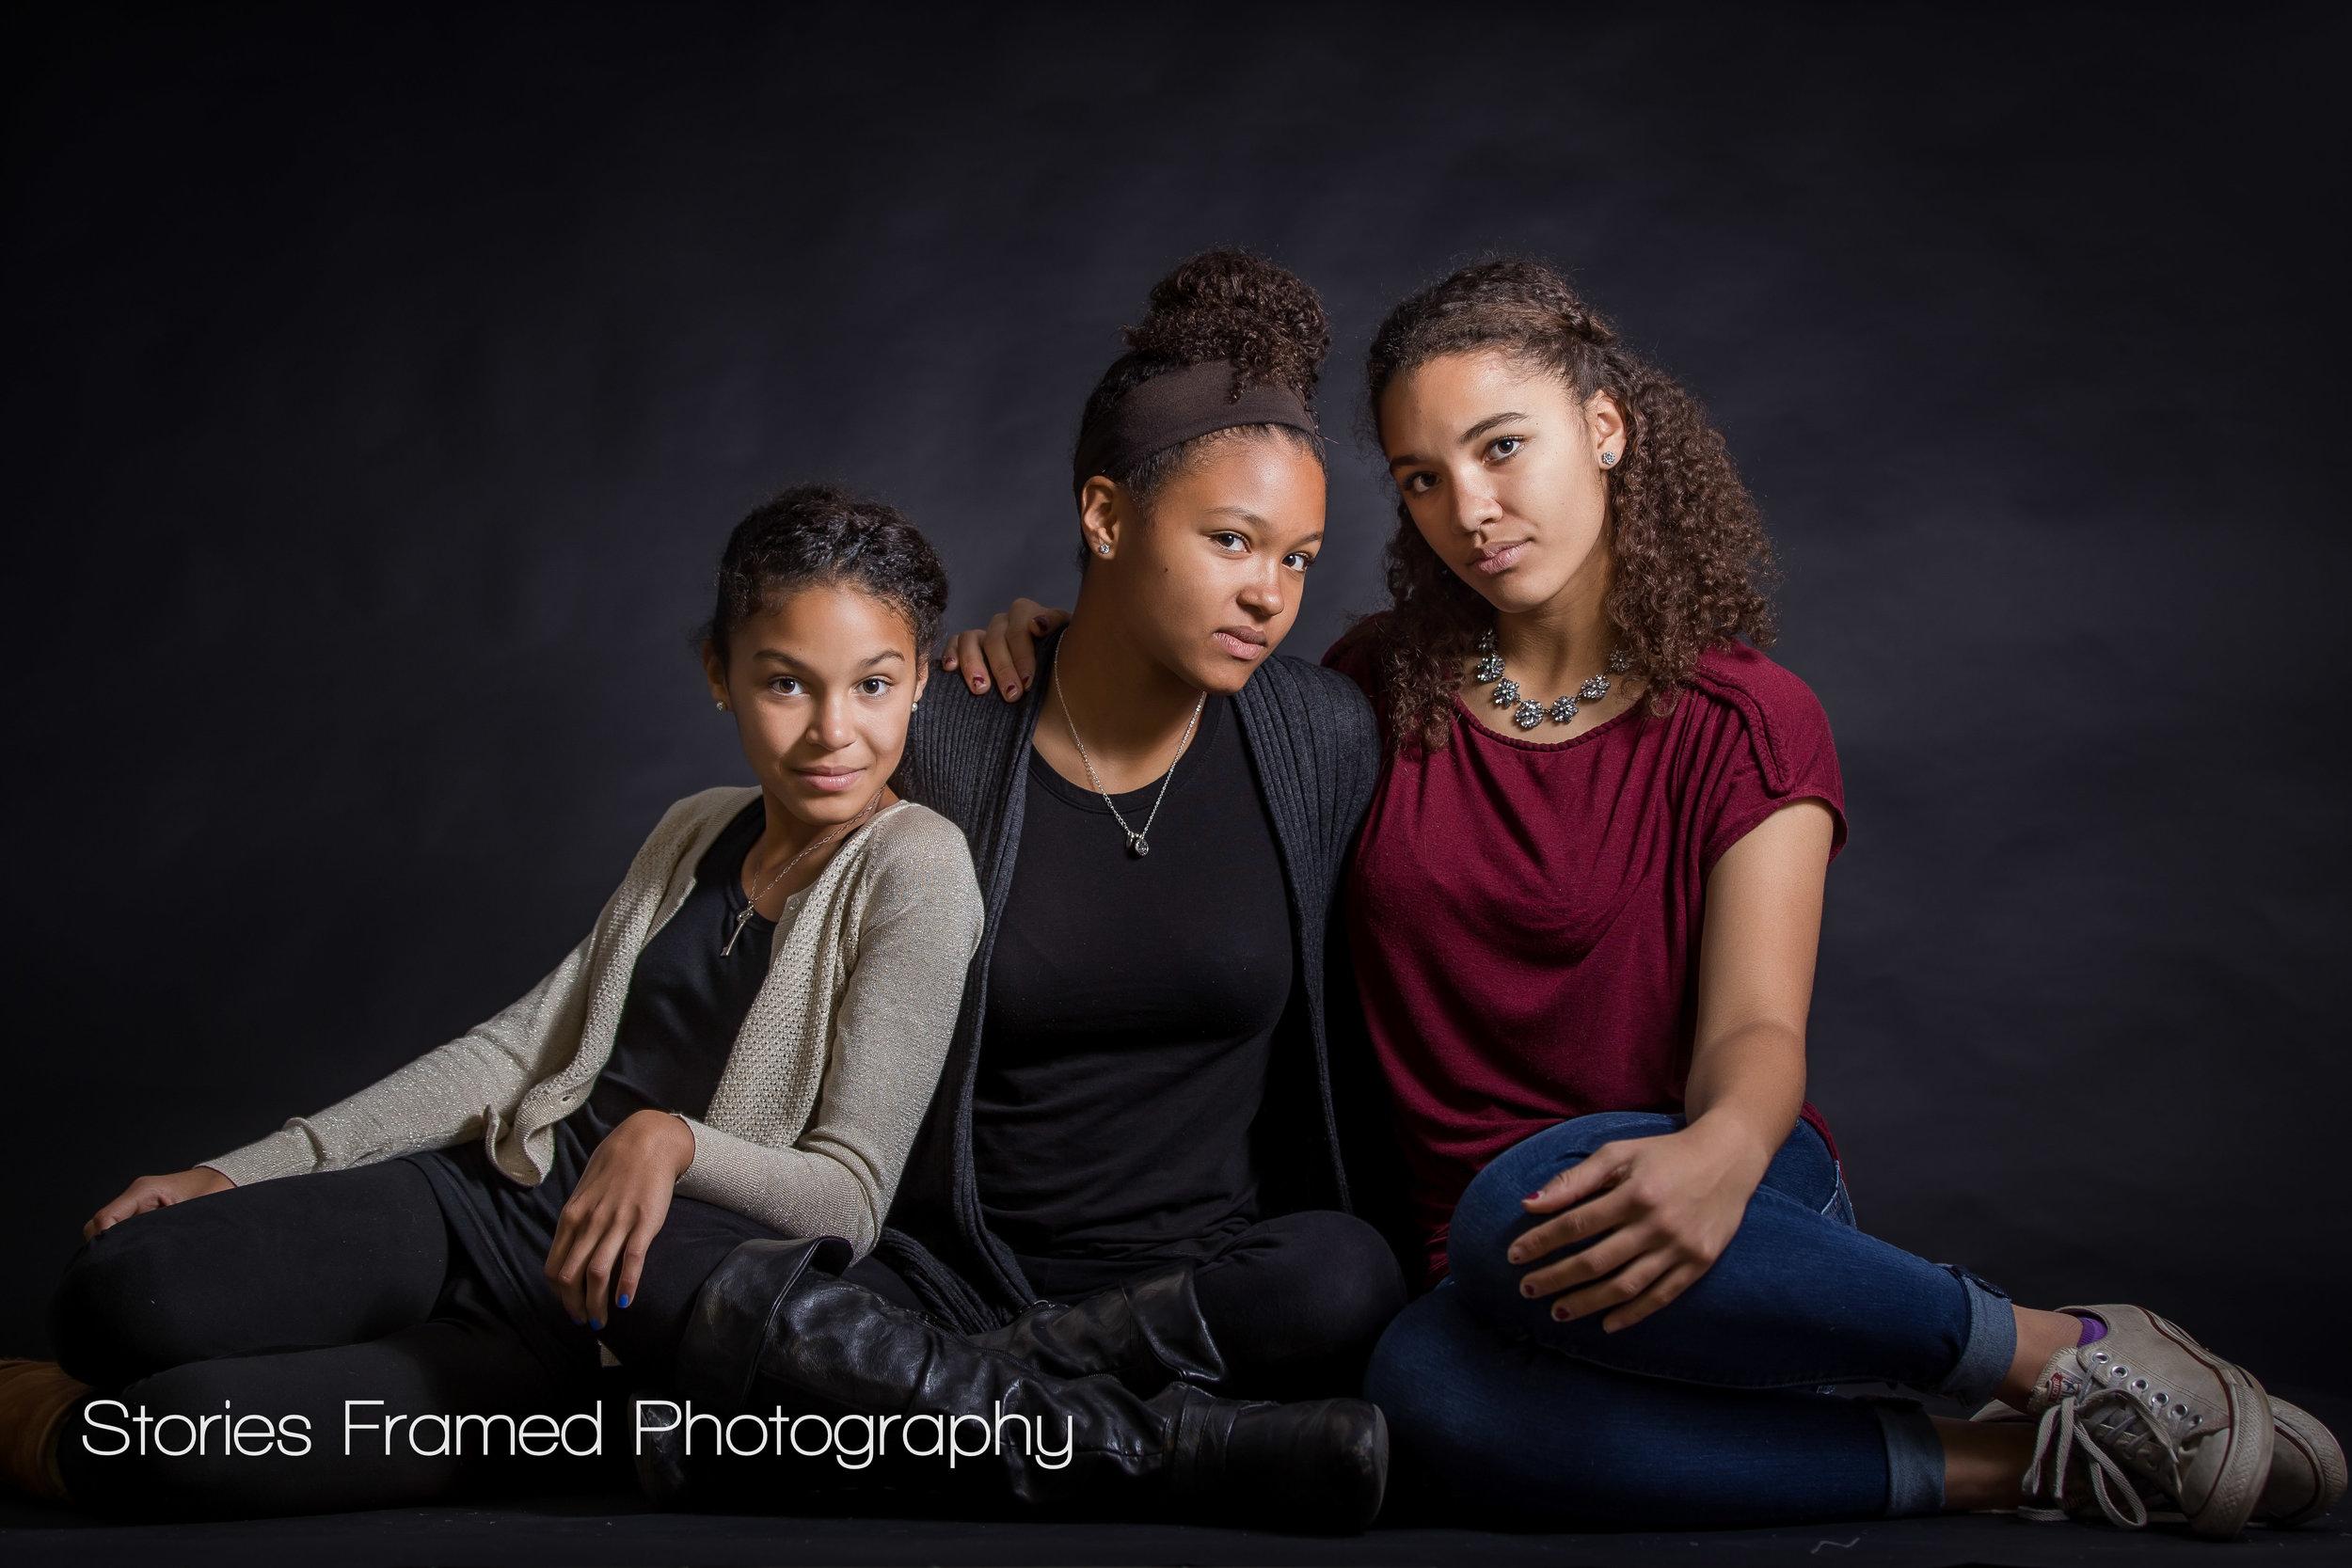 Keenan Sisters Sneak Peek Portrait